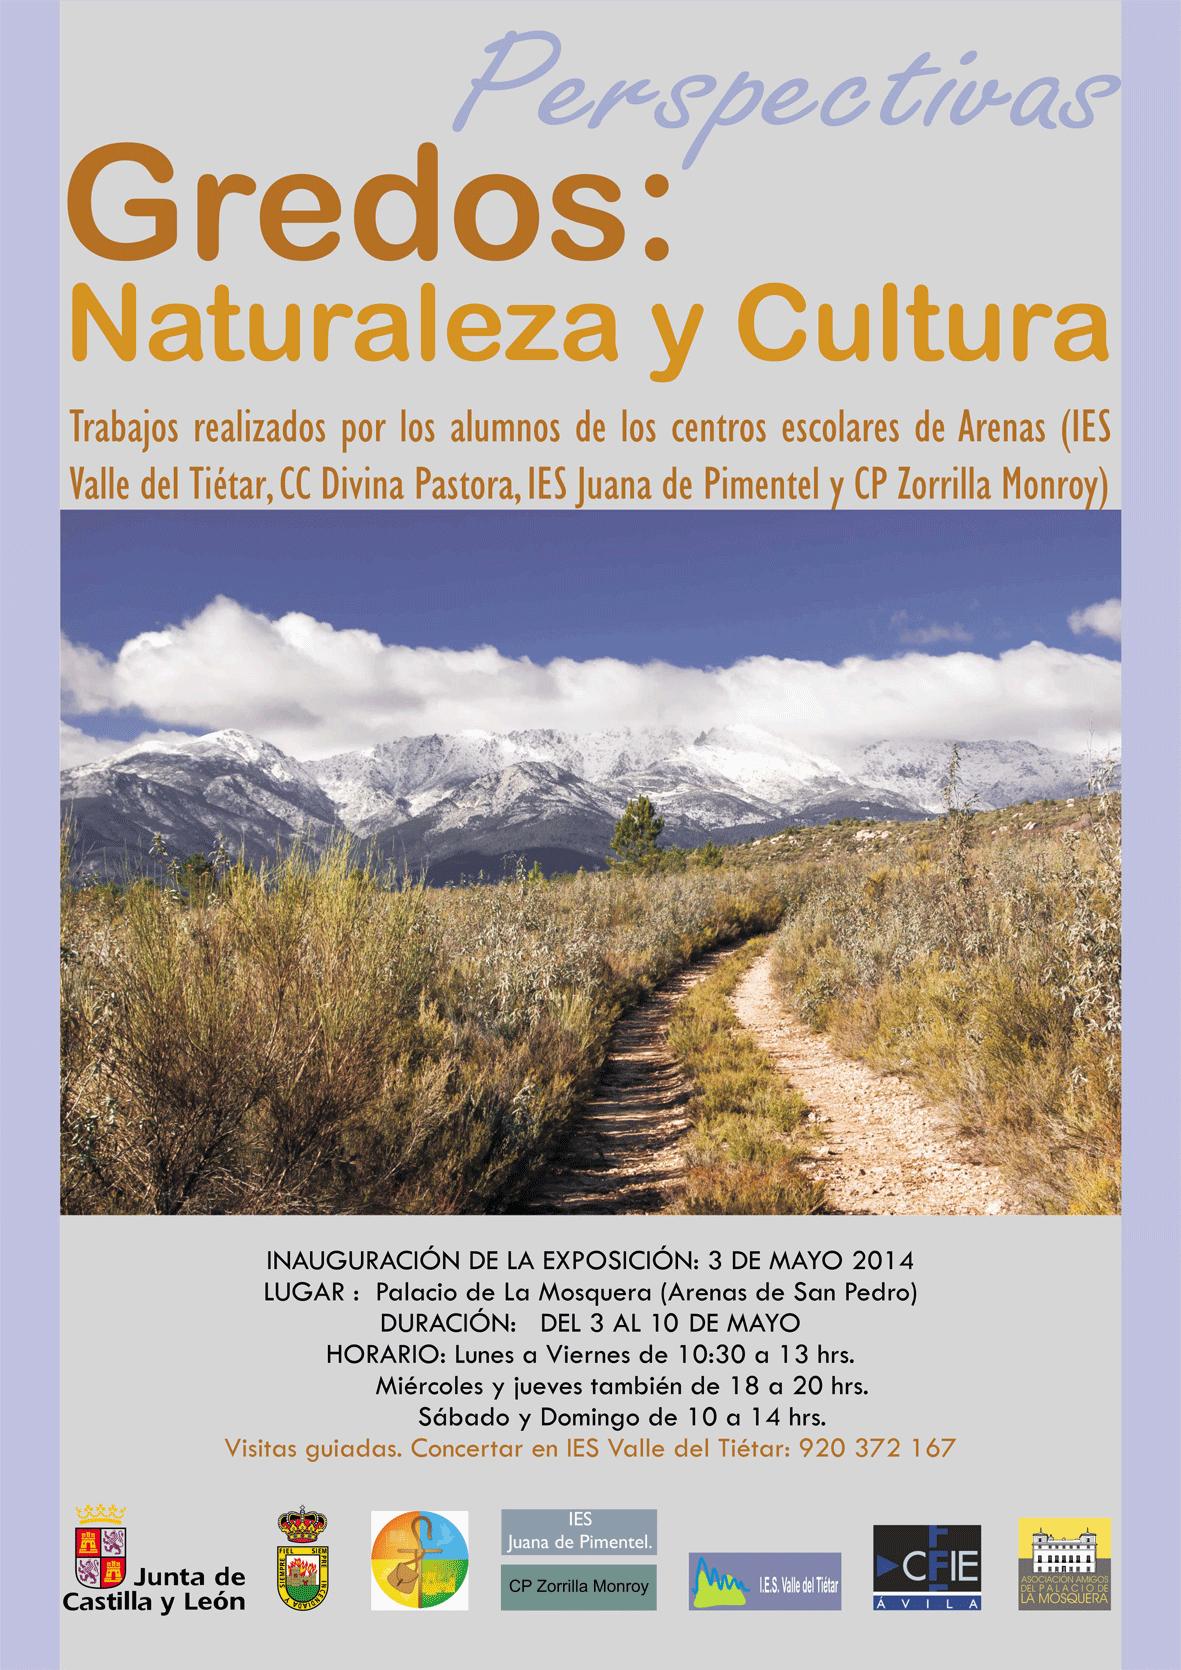 Gredos: Naturaleza y Cultura - Perspectivas desde El Palacio - TiétarTeVe